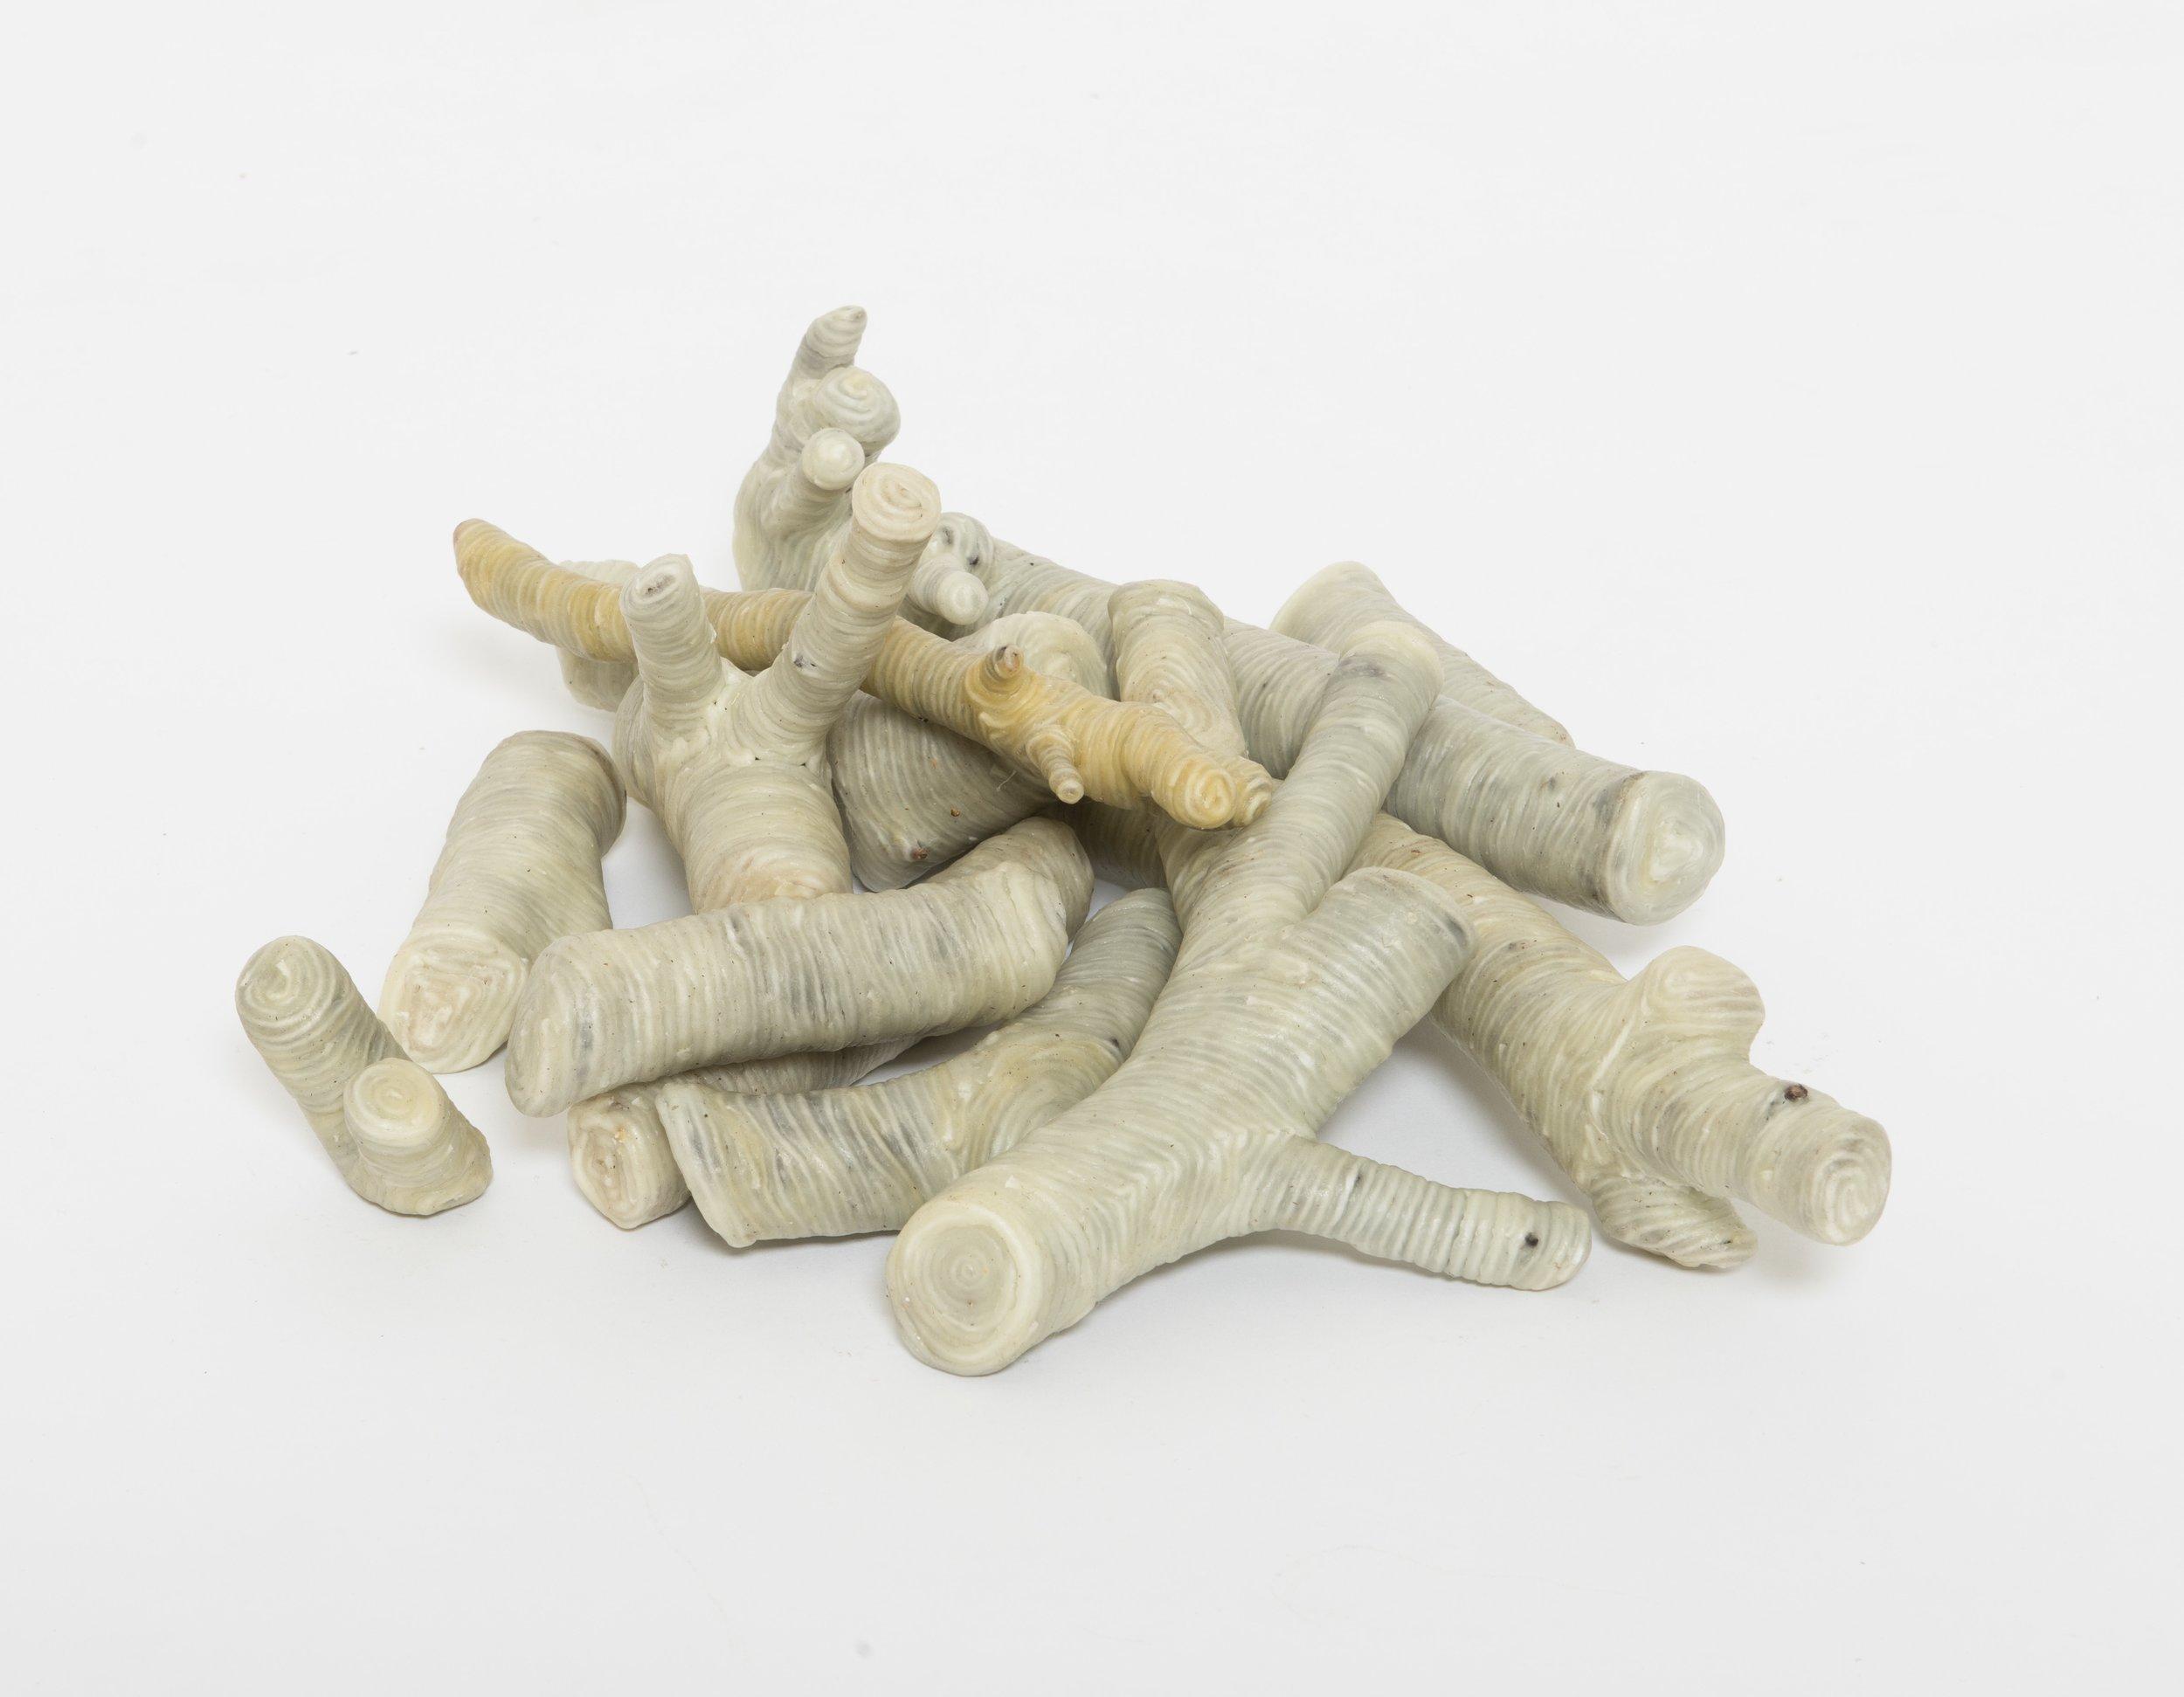 preserve-pick-up-sticks-laurel_18000415246_o.jpg